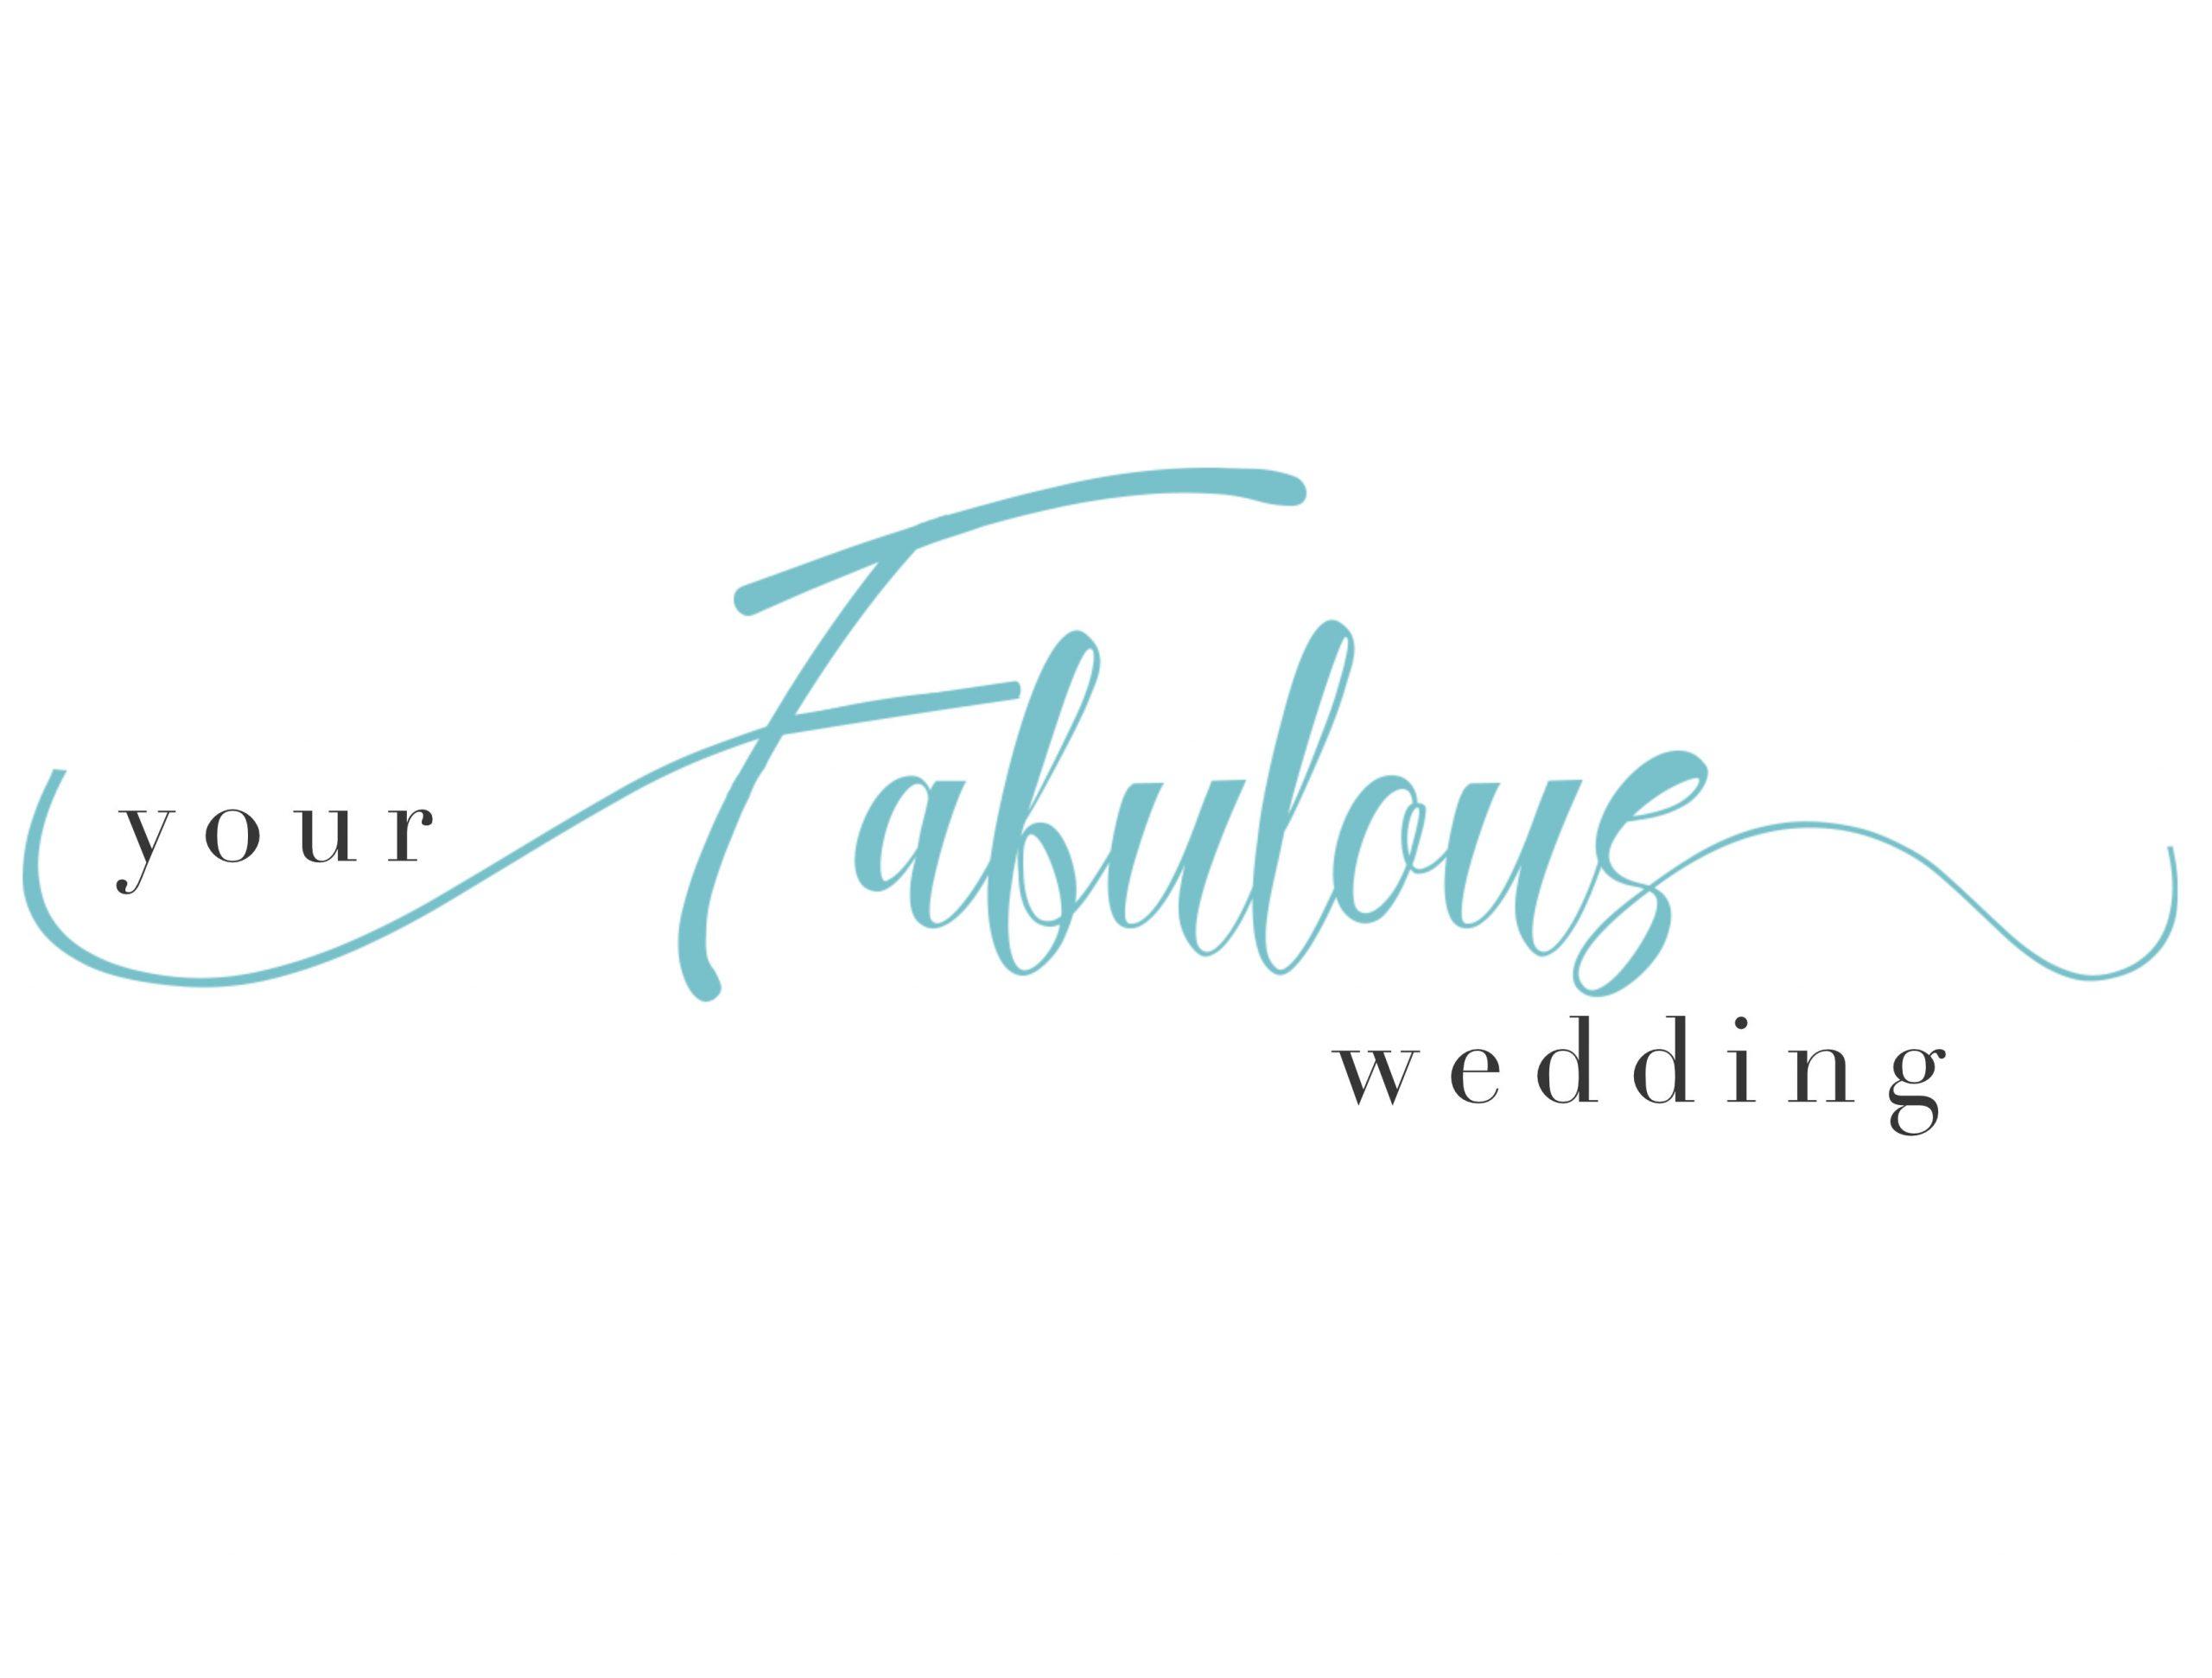 Your Fabulous Wedding